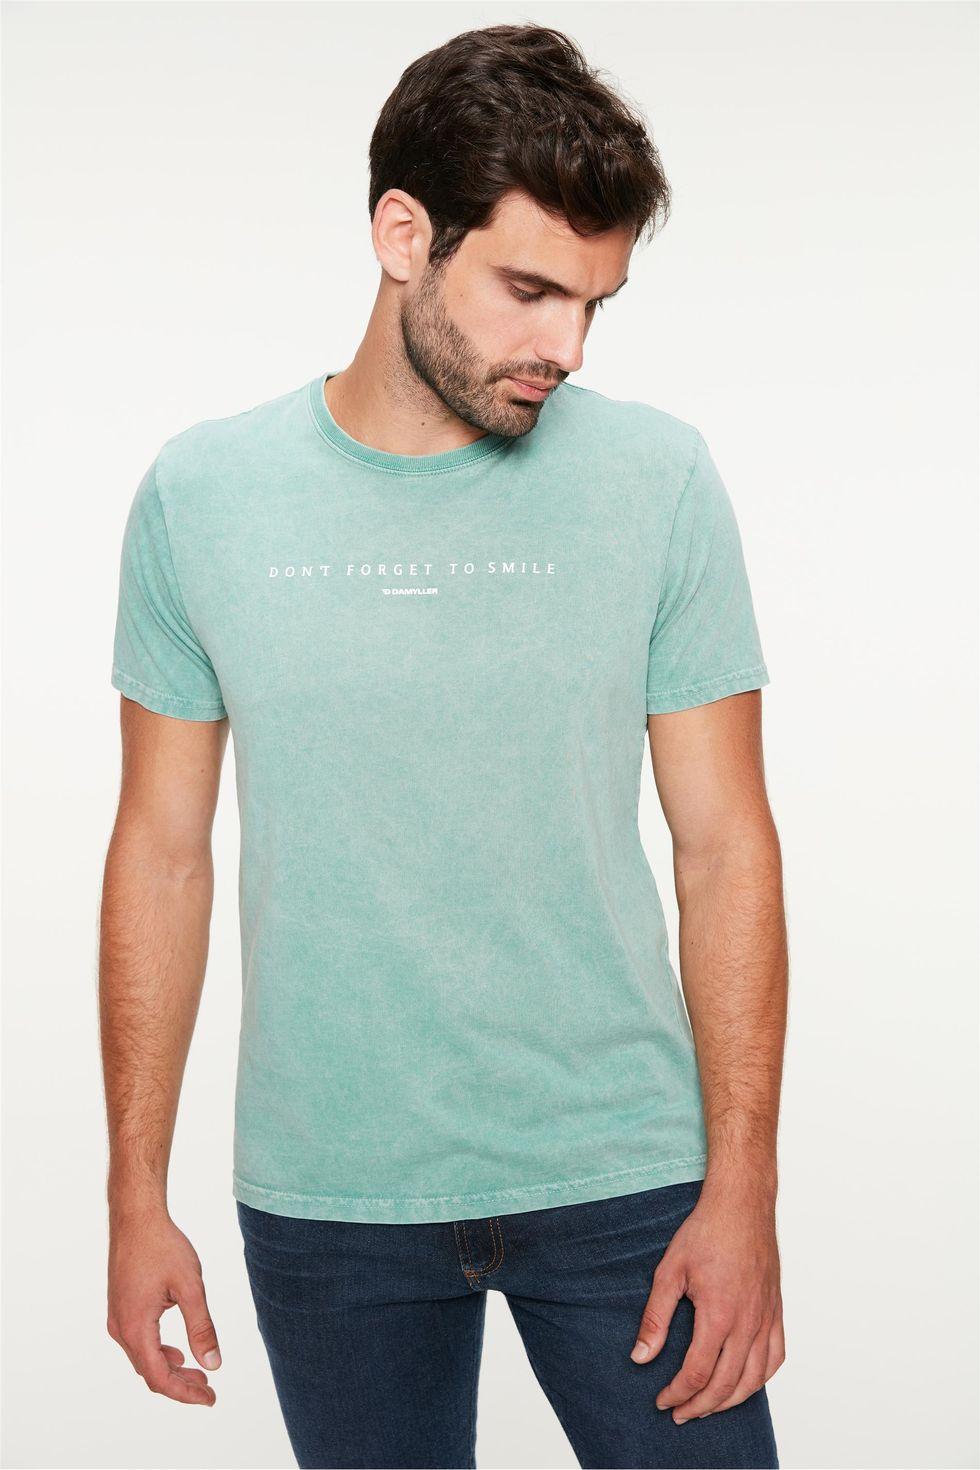 Camiseta-Estampa-Dont-Forget-To-Smile-Frente--